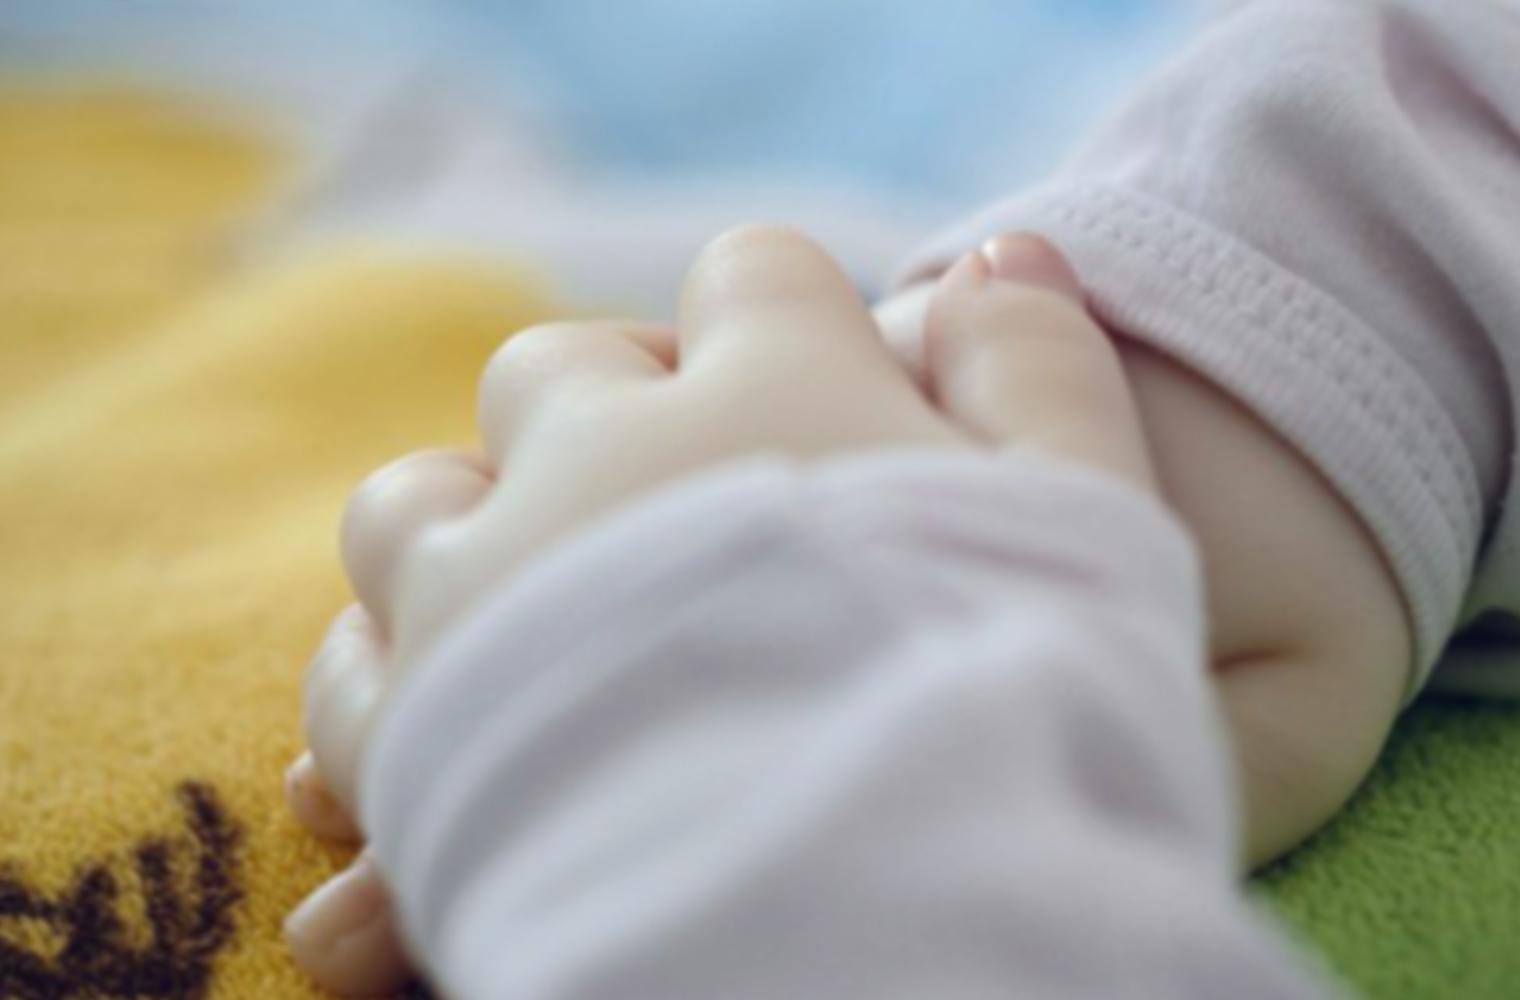 Zwei kleine Kinderhände in Nahaufnahme – Foto: privat / Blaich